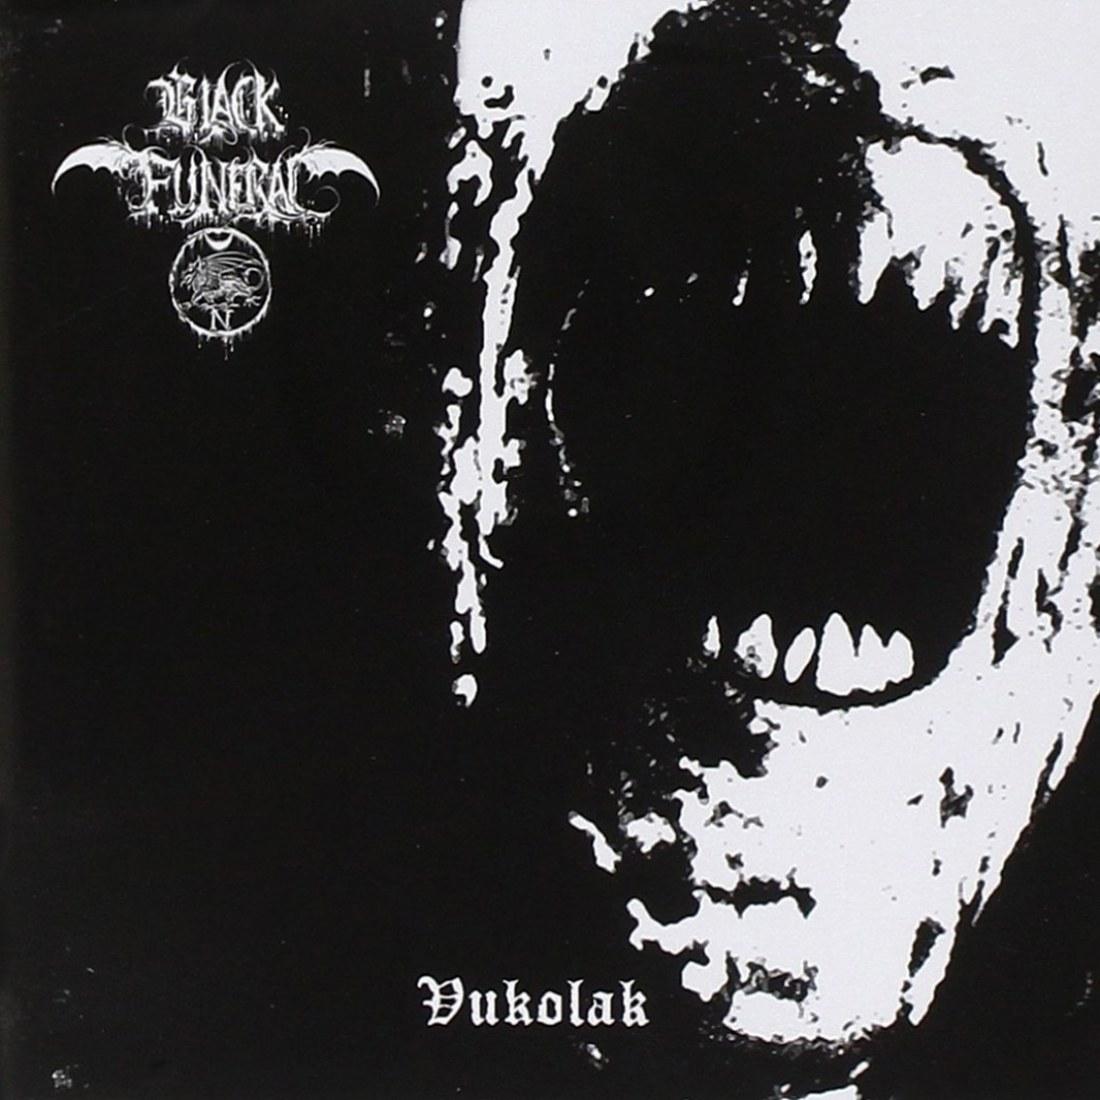 Review for Black Funeral - Vukolak